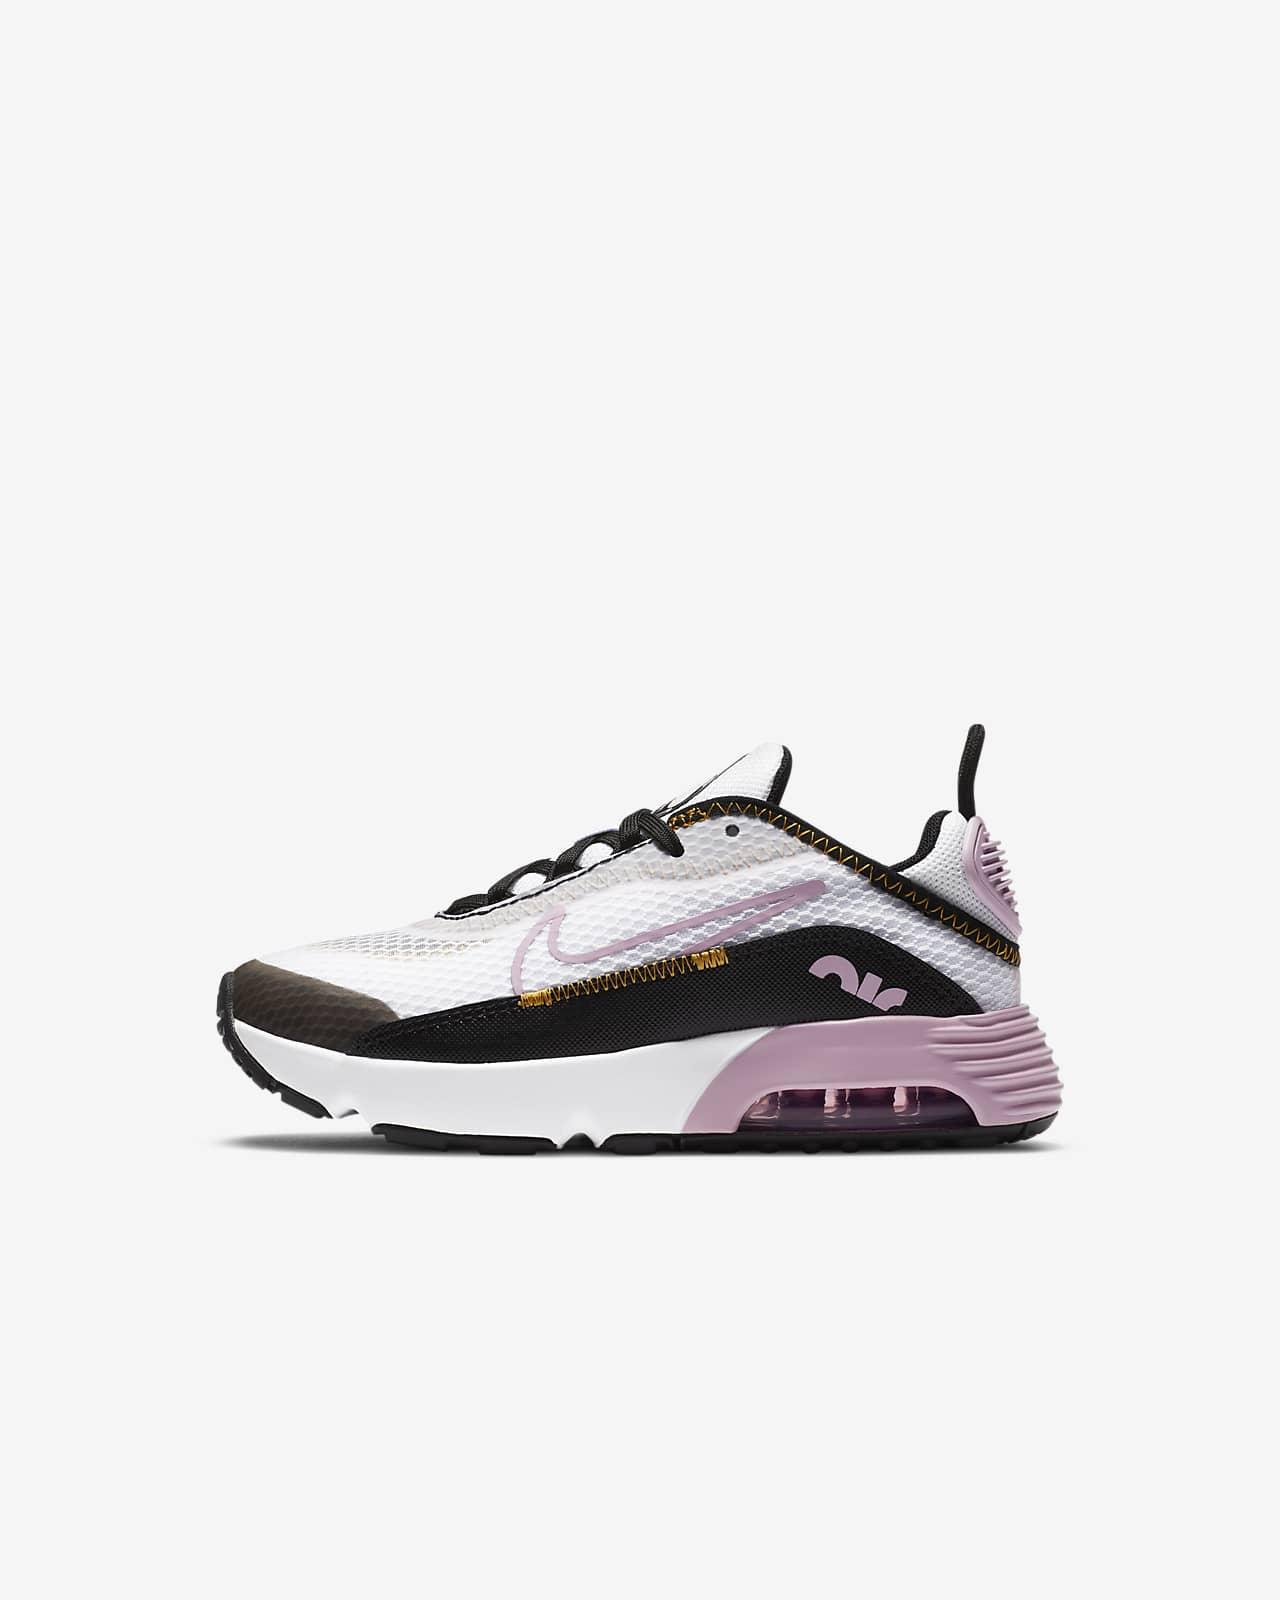 Nike Air Max 2090 Schuh für jüngere Kinder